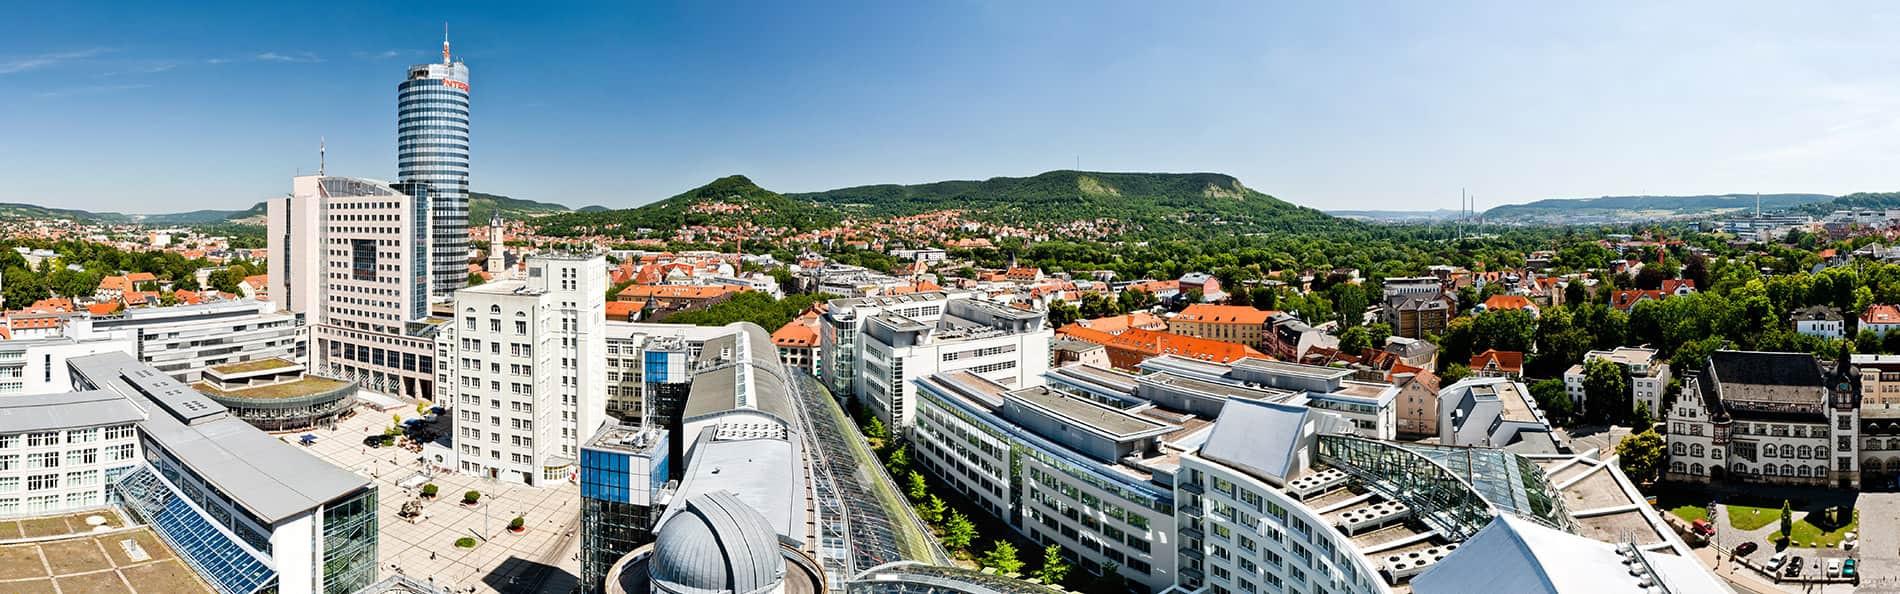 Haus Kaufen Jena  Haus kaufen in Thüringen beim Besten Thomas Wienroth